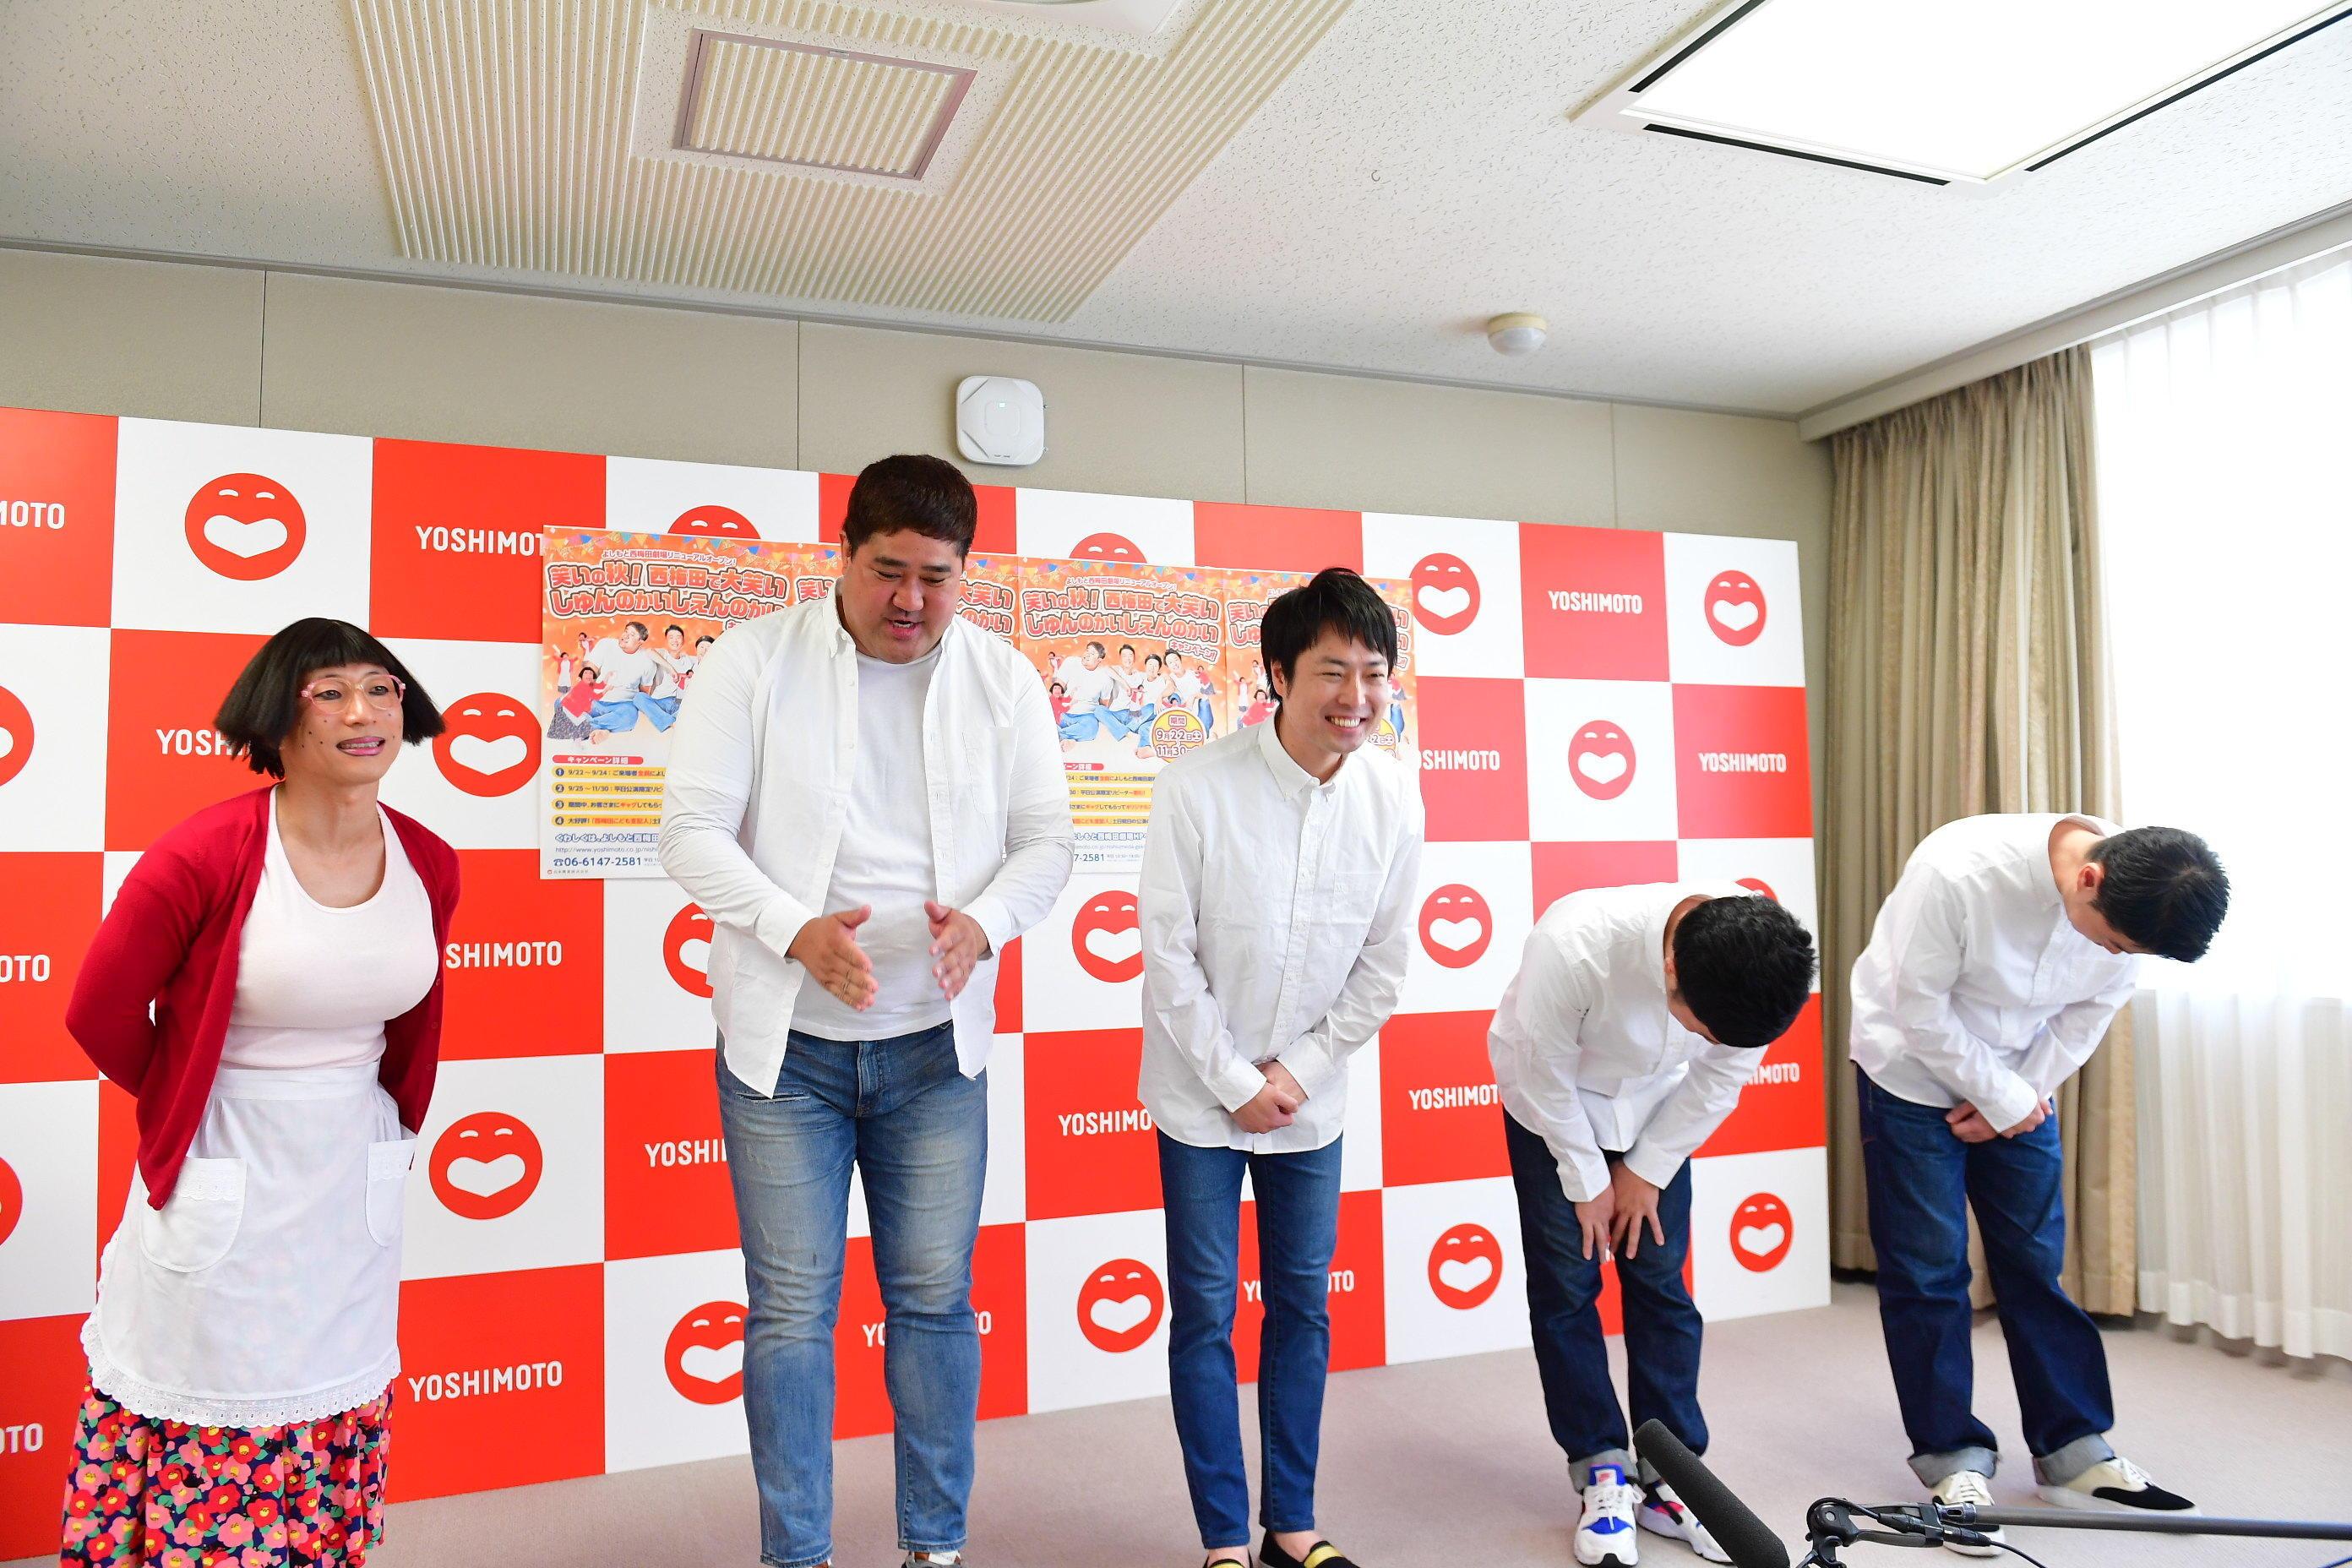 http://news.yoshimoto.co.jp/20180919161434-35de3a9a249d460e98d42a6b9c4409210e73ff12.jpg